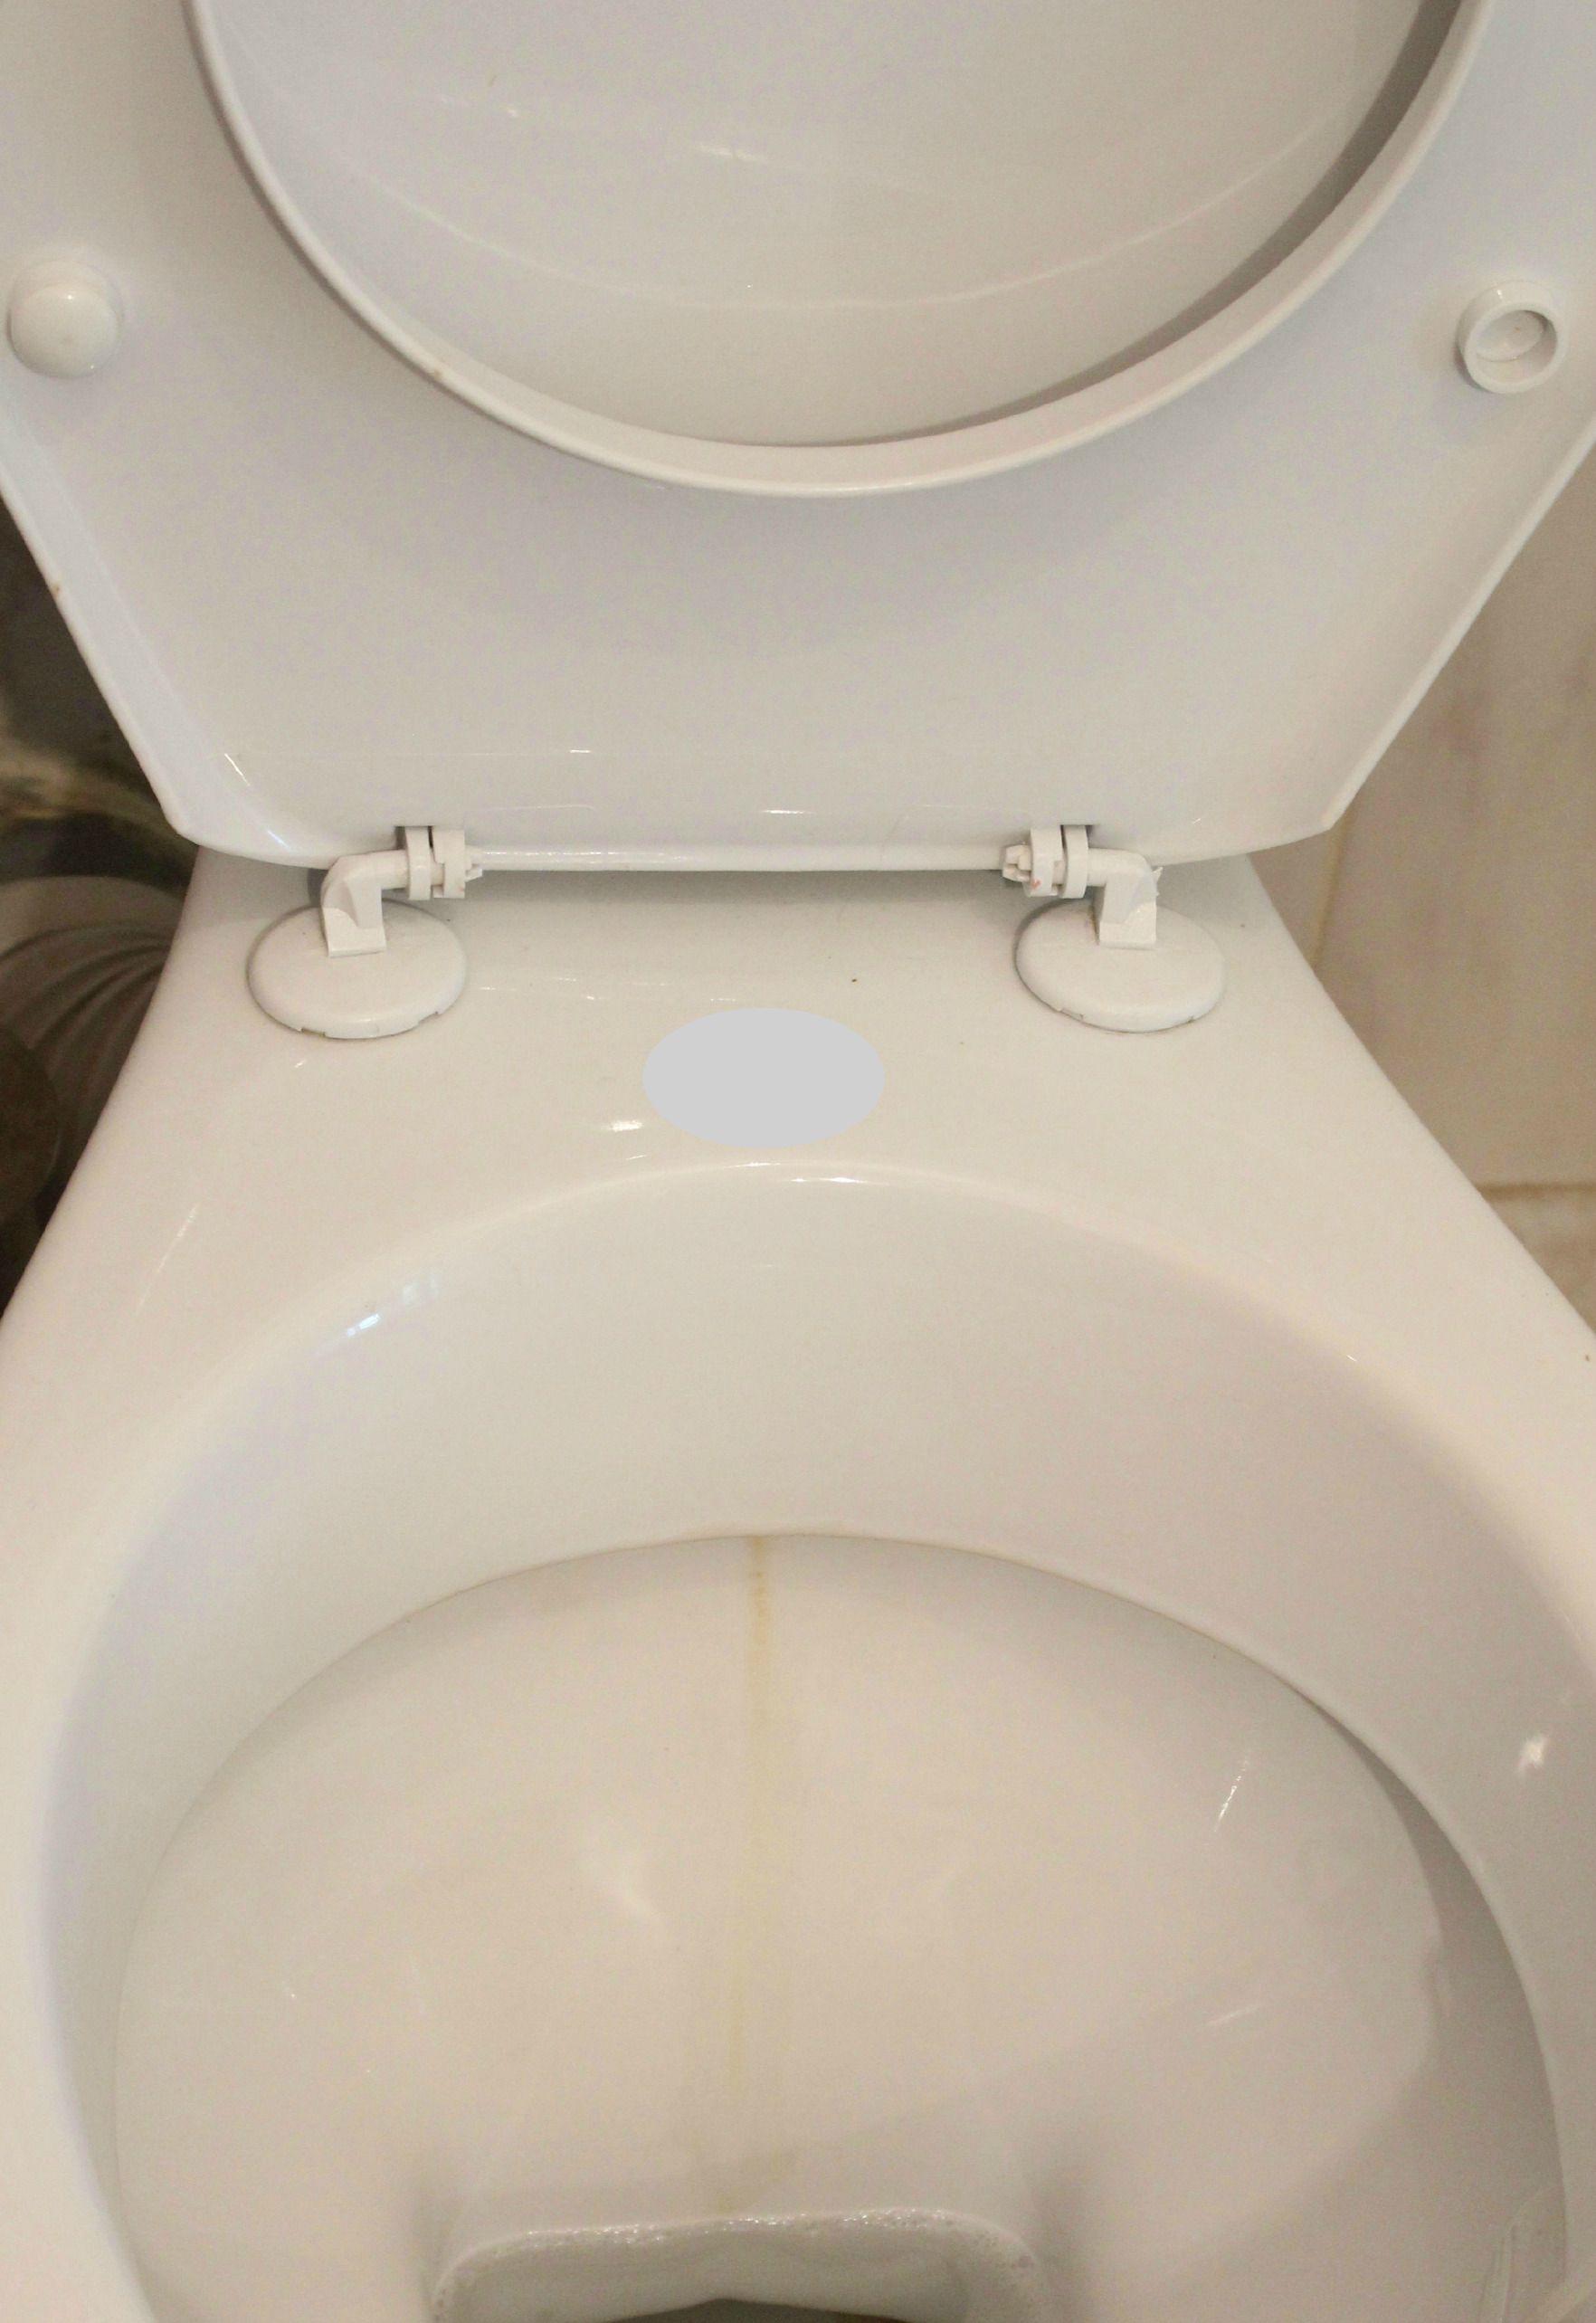 toilet cleaner alternative